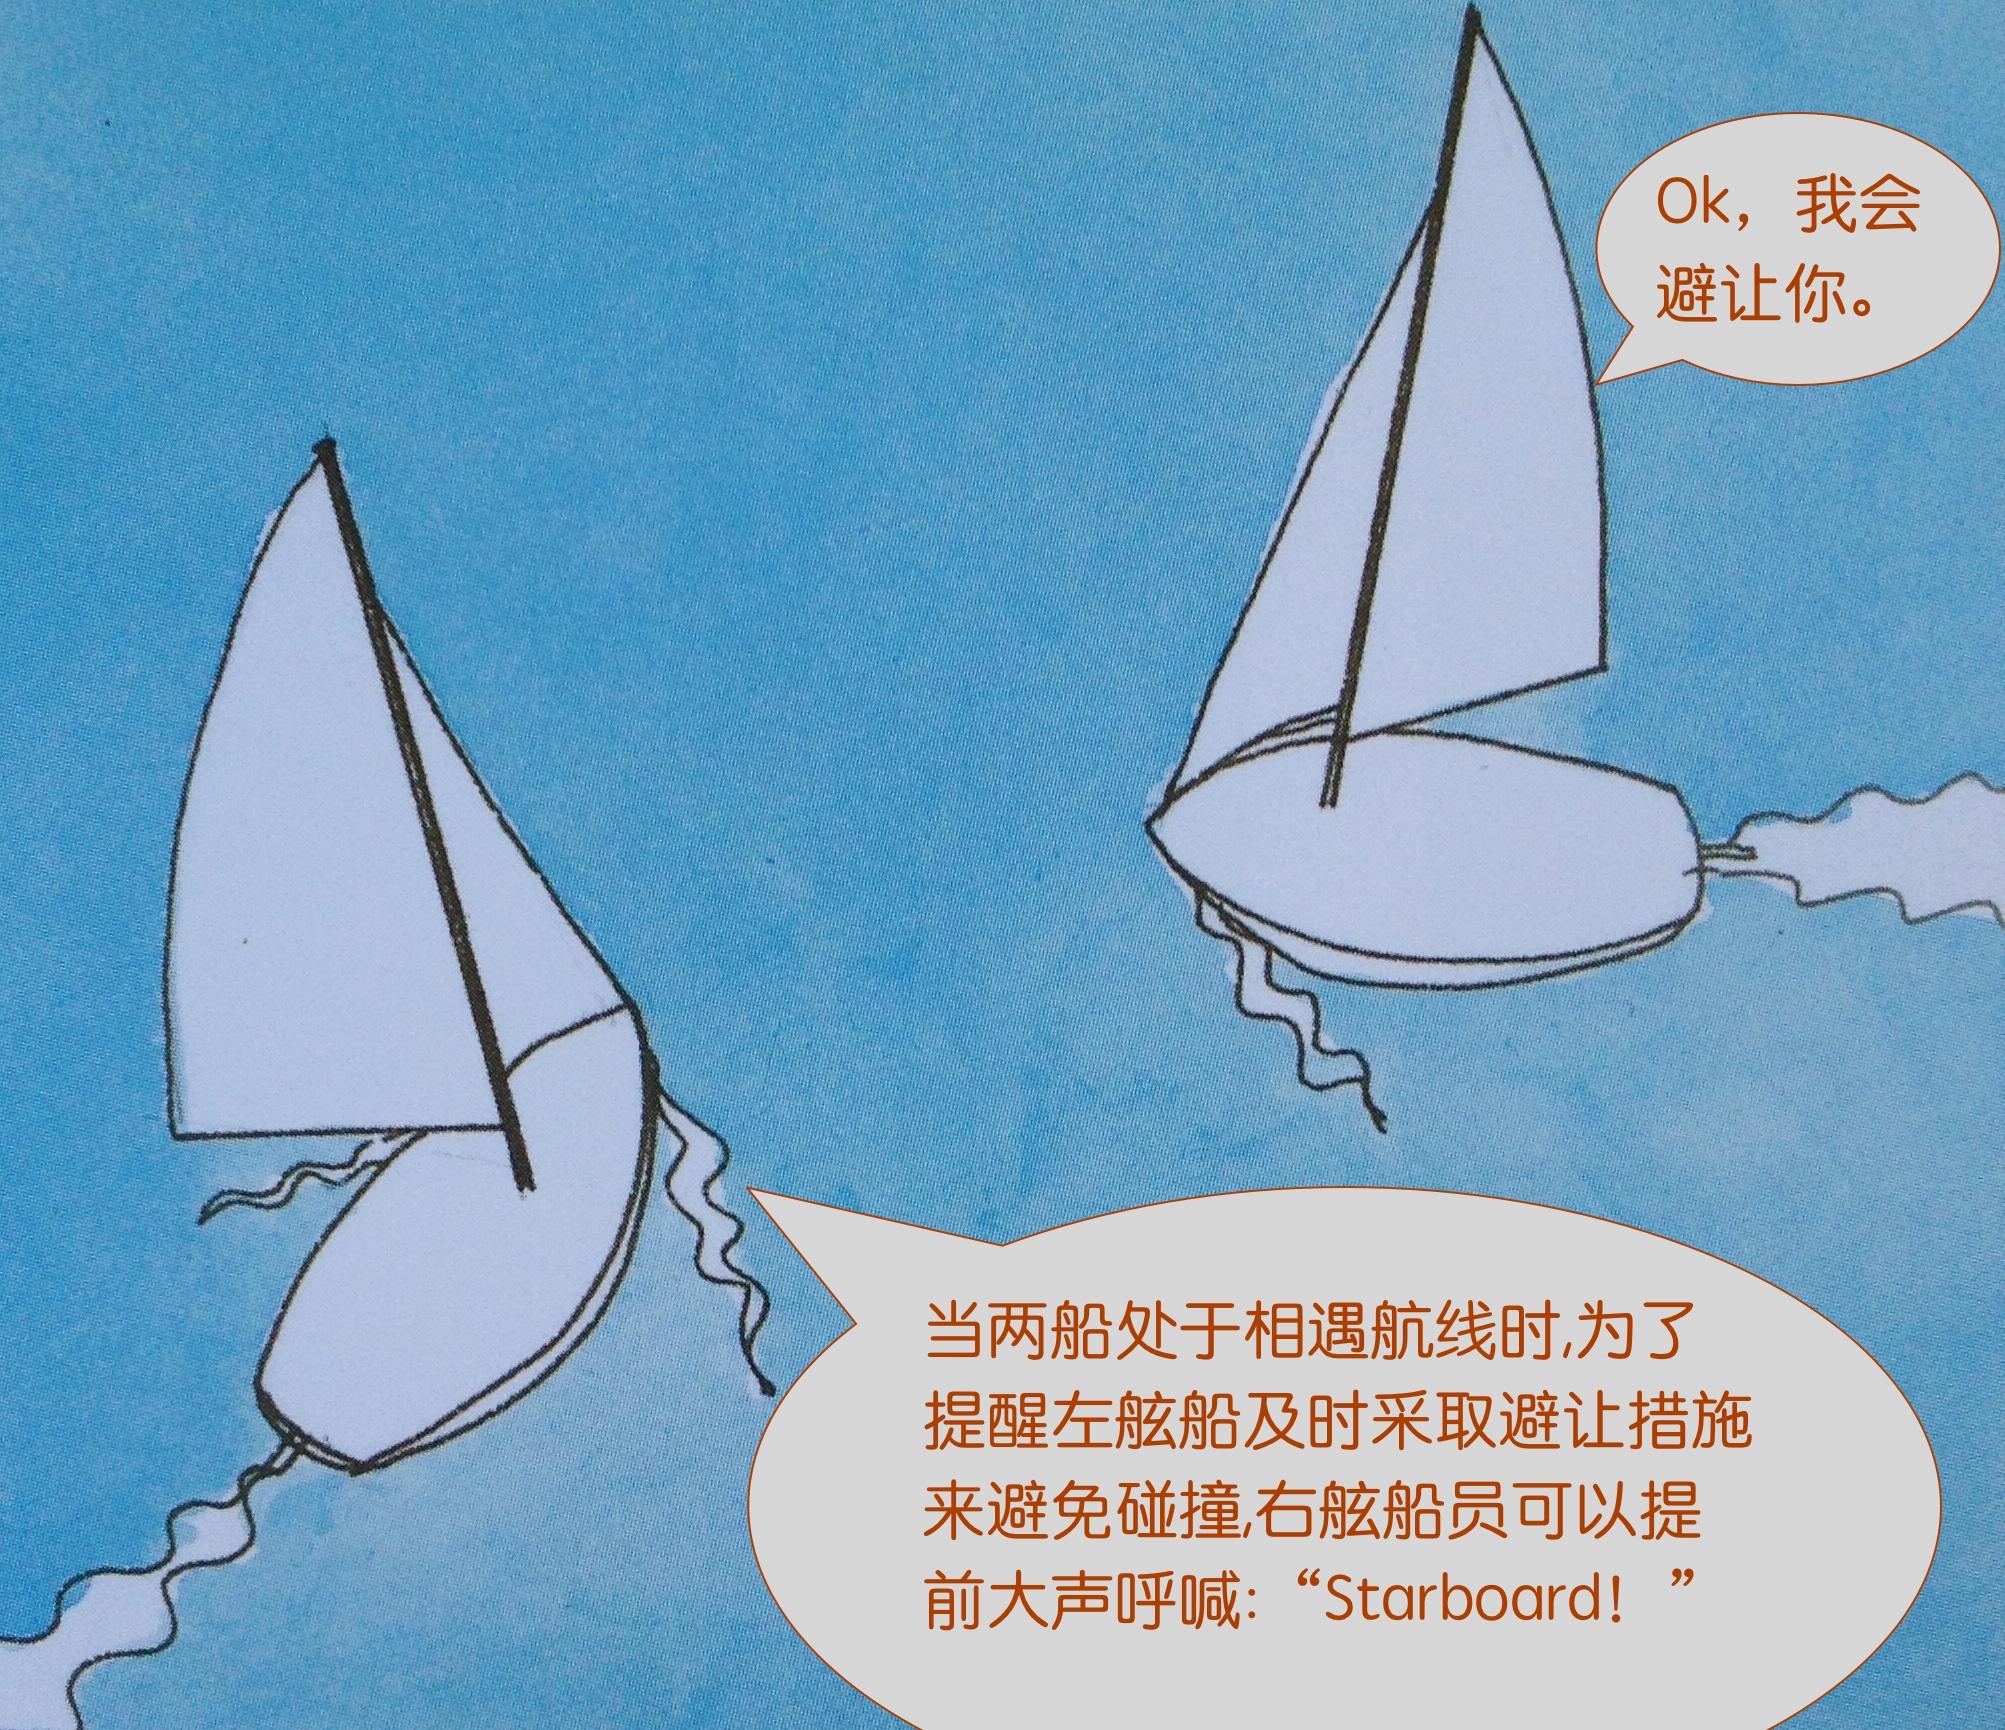 规则10左让右:左右相对舷风是最常碰到的两船相遇情节。 24b.jpg